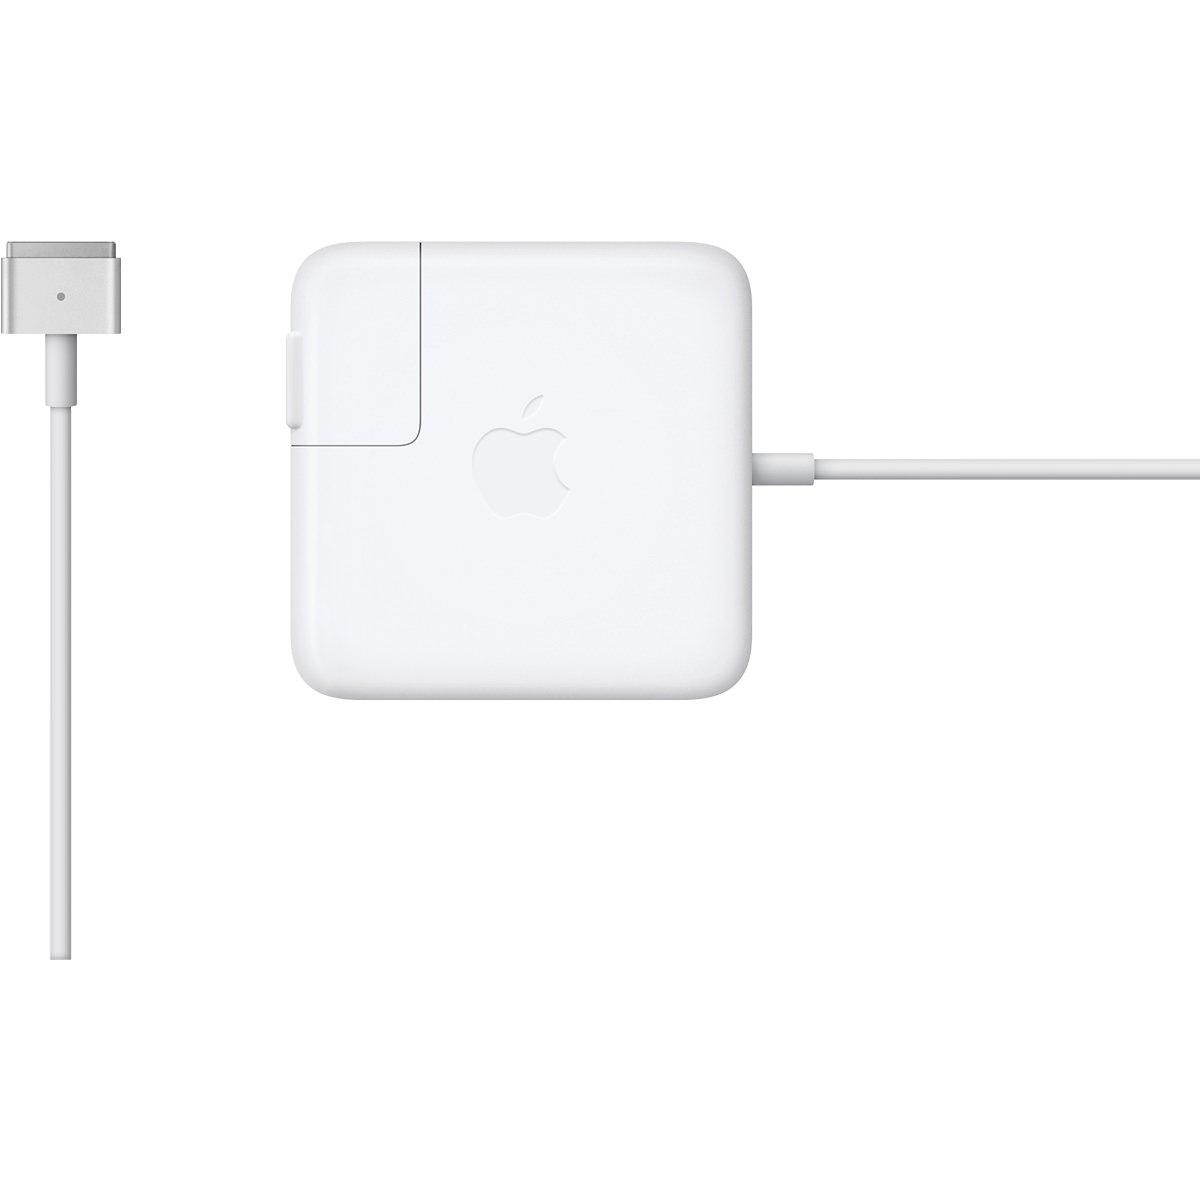 Оригинальный блок питания Apple MagSafe 2 Power Adapter 60W